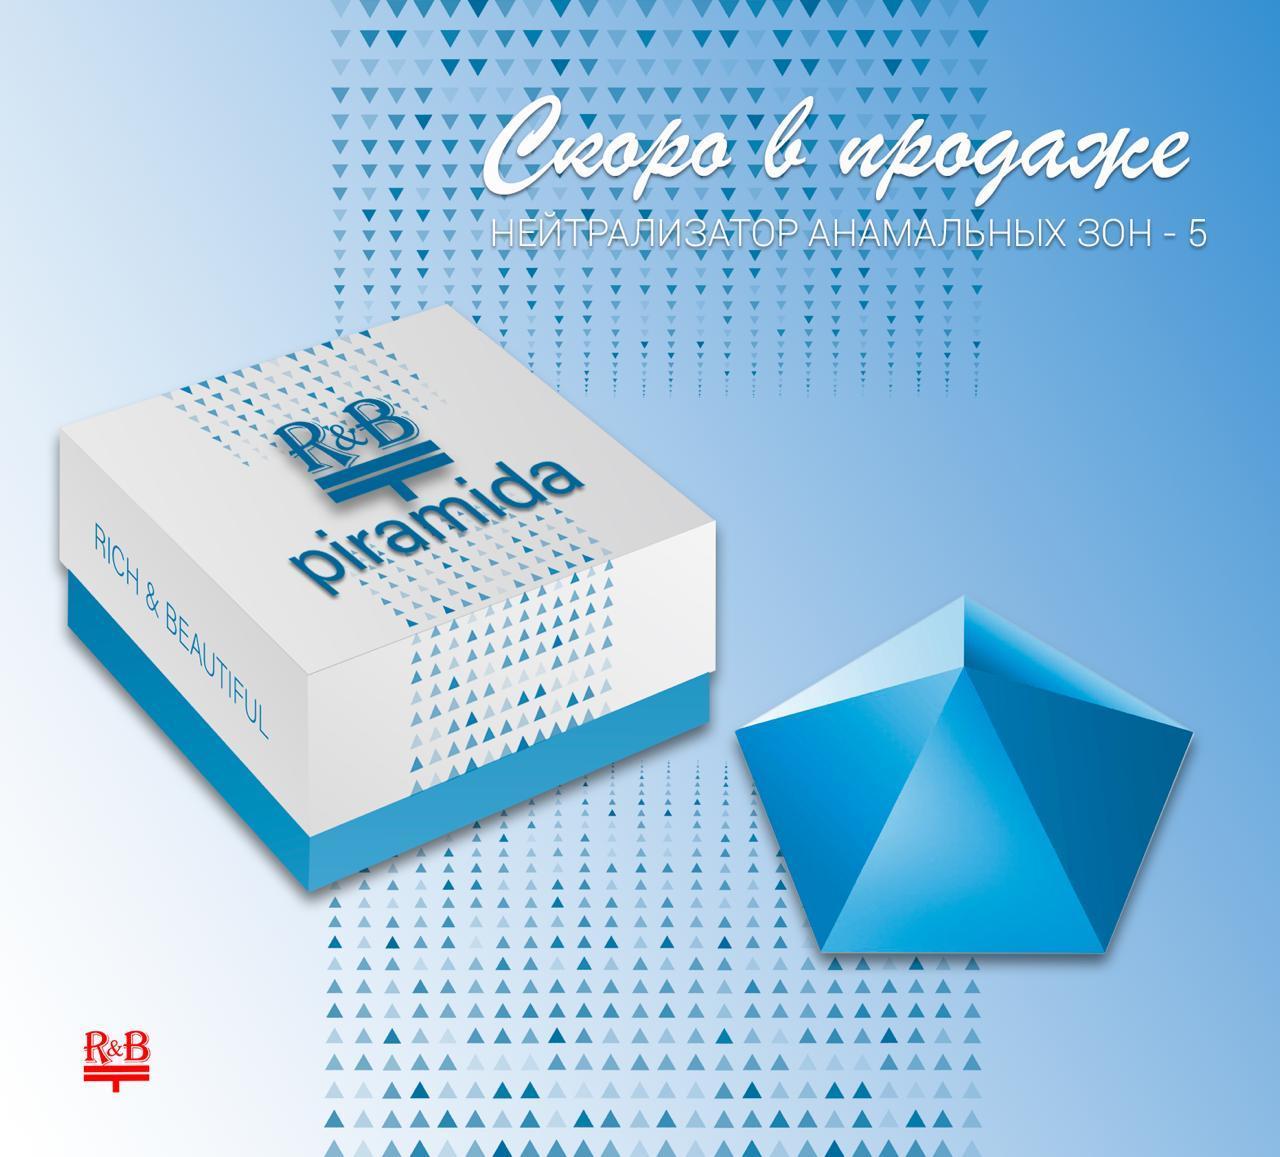 Piramida НАЗ-5. Пирамида Инюшина В.М.  Piramida - биоплазматический нейтрализатор аномальных зон